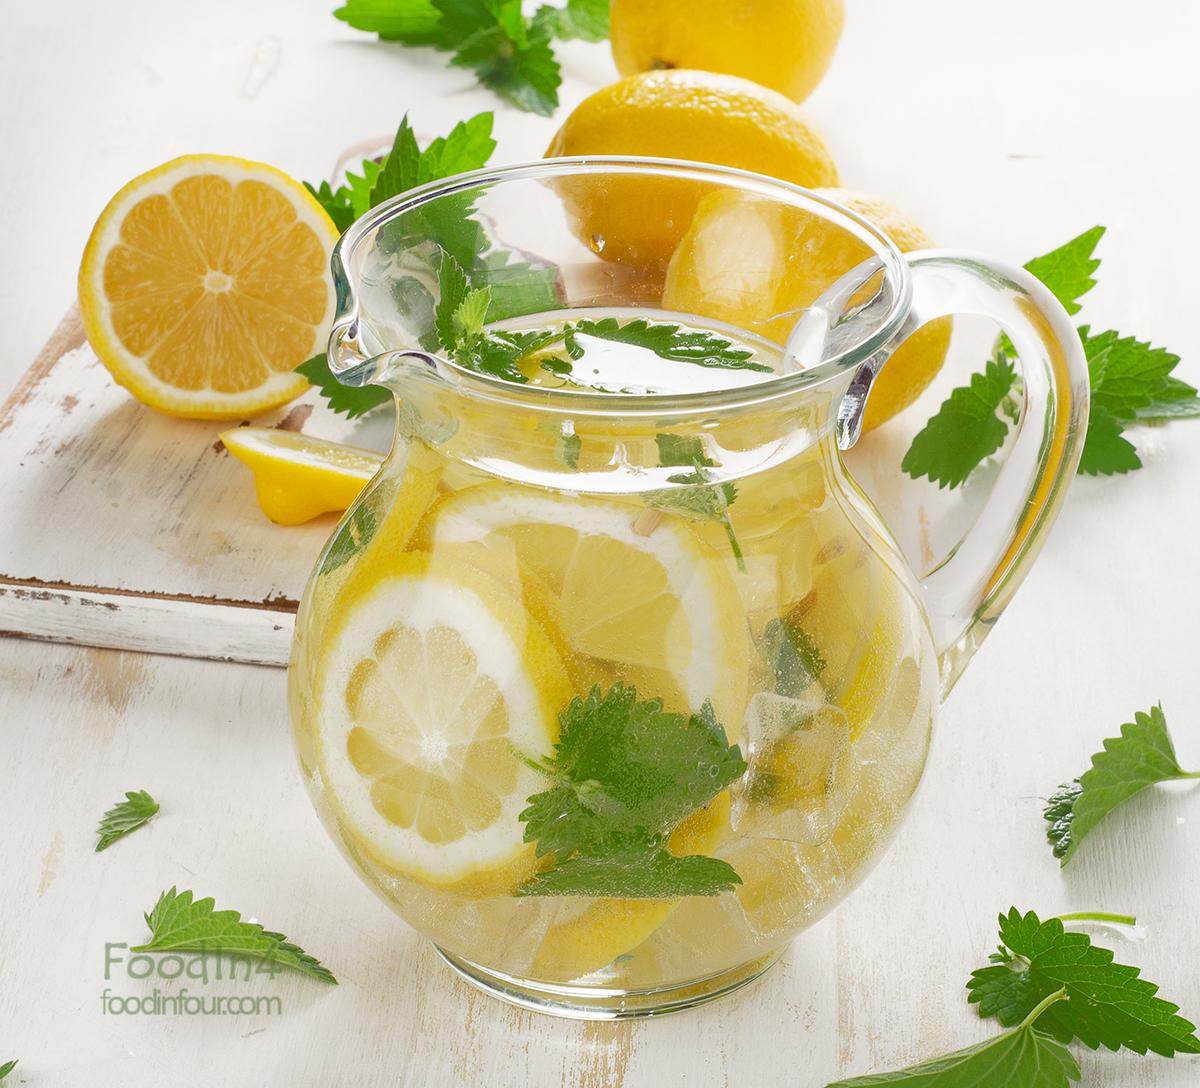 Тонизирующий напиток из лимона, мяты и меда